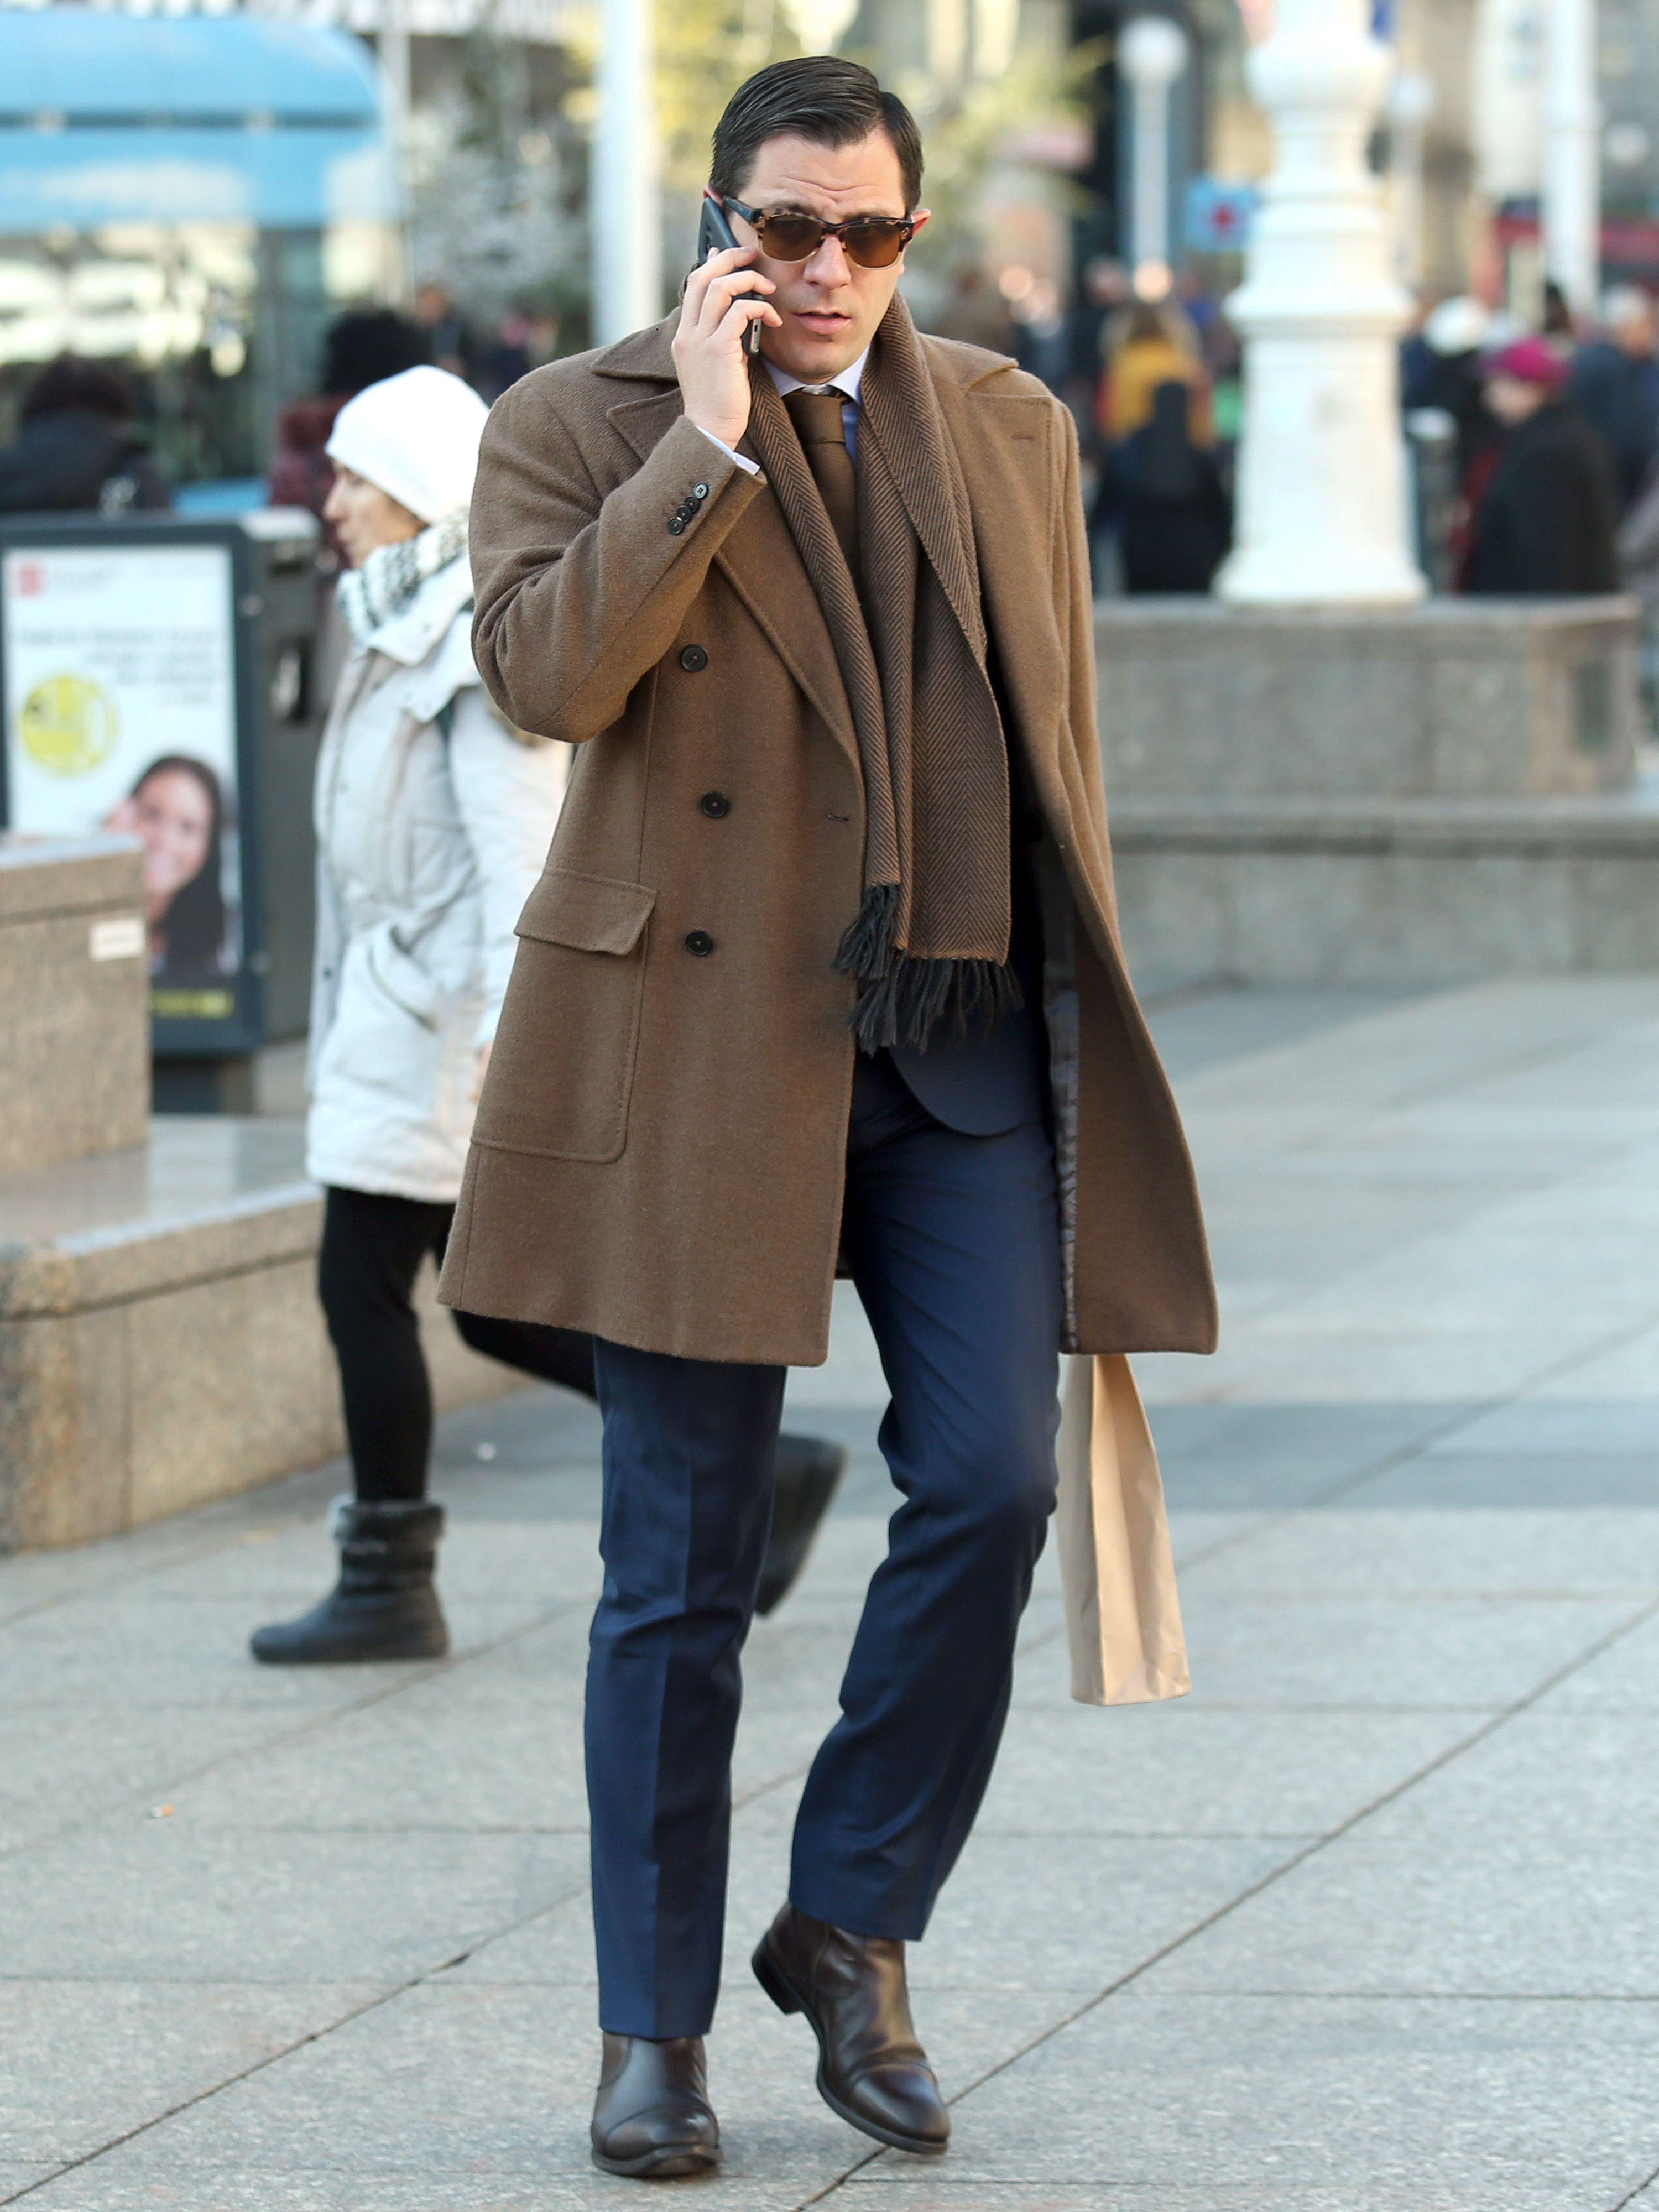 Sve žene su ga gledale: Ovako izgleda fantastična muška odjevna kombinacija